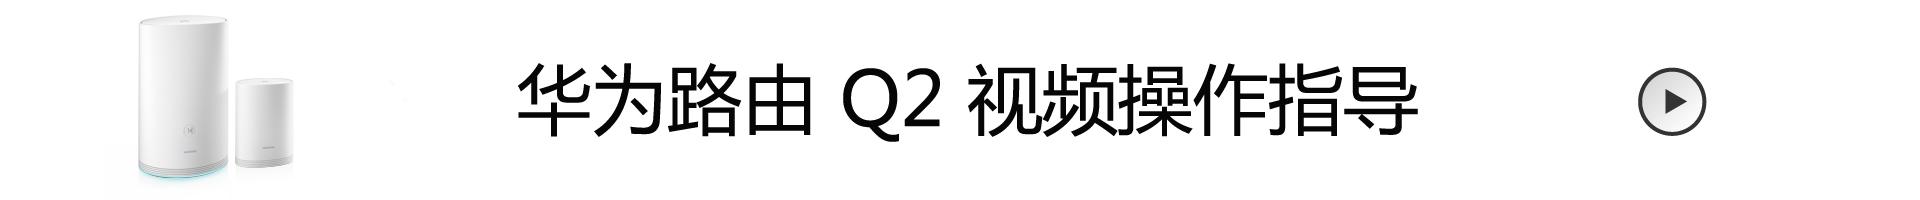 华为商城-华为路由Q2-1920版本.jpg